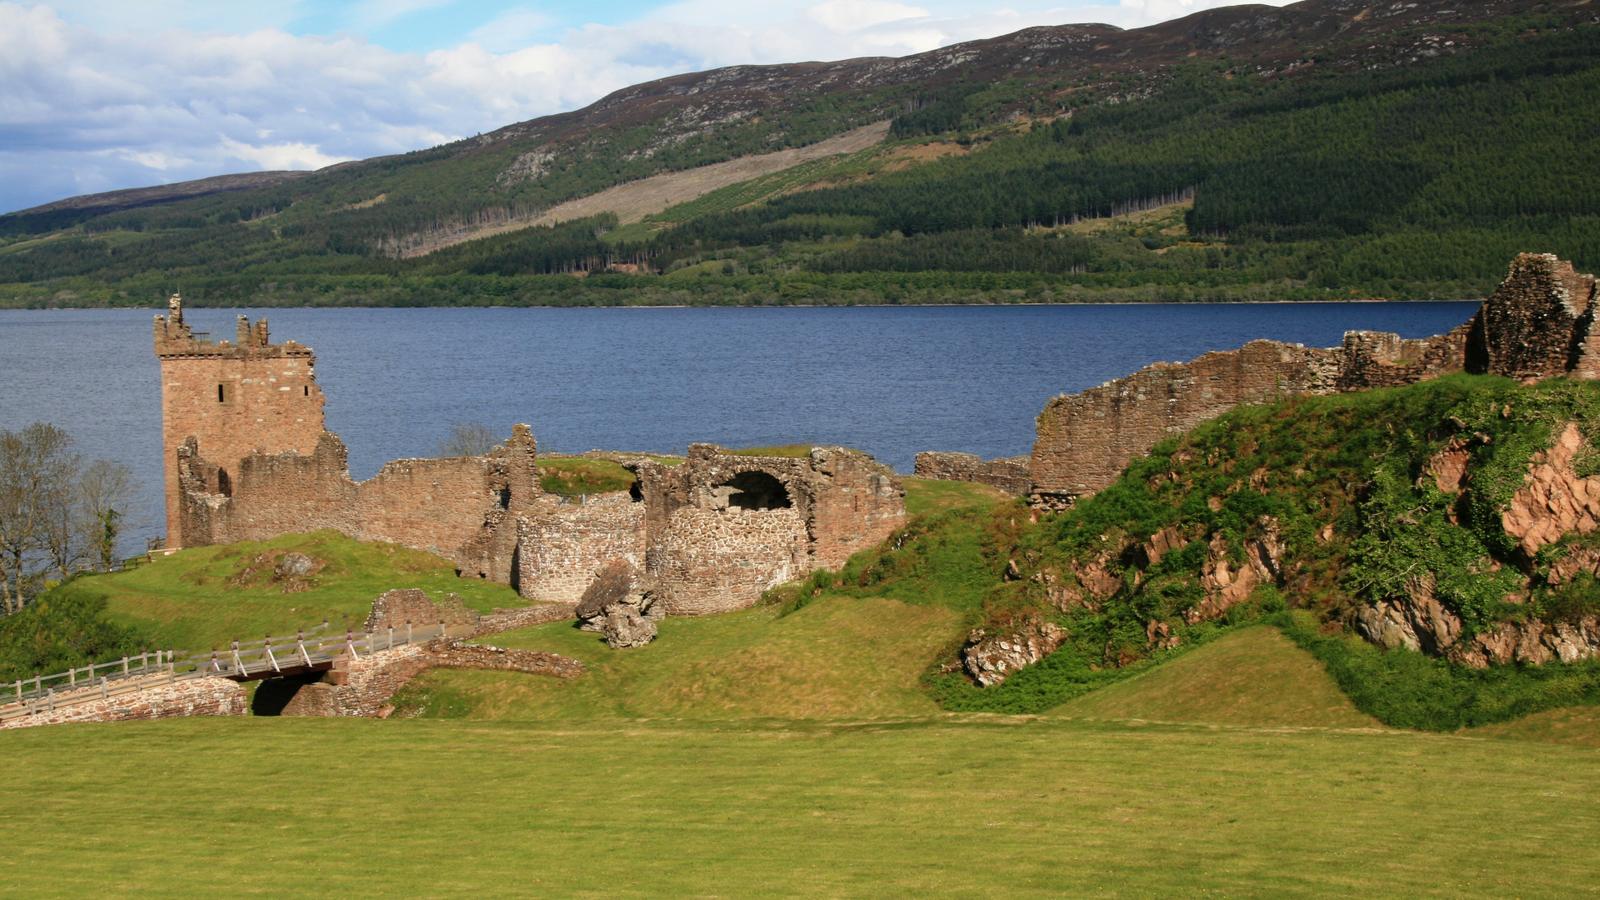 Burgen in Schottland, Burgruinen in Schottland, Geisterschlösser, Schottland, schottisches Spukschloss